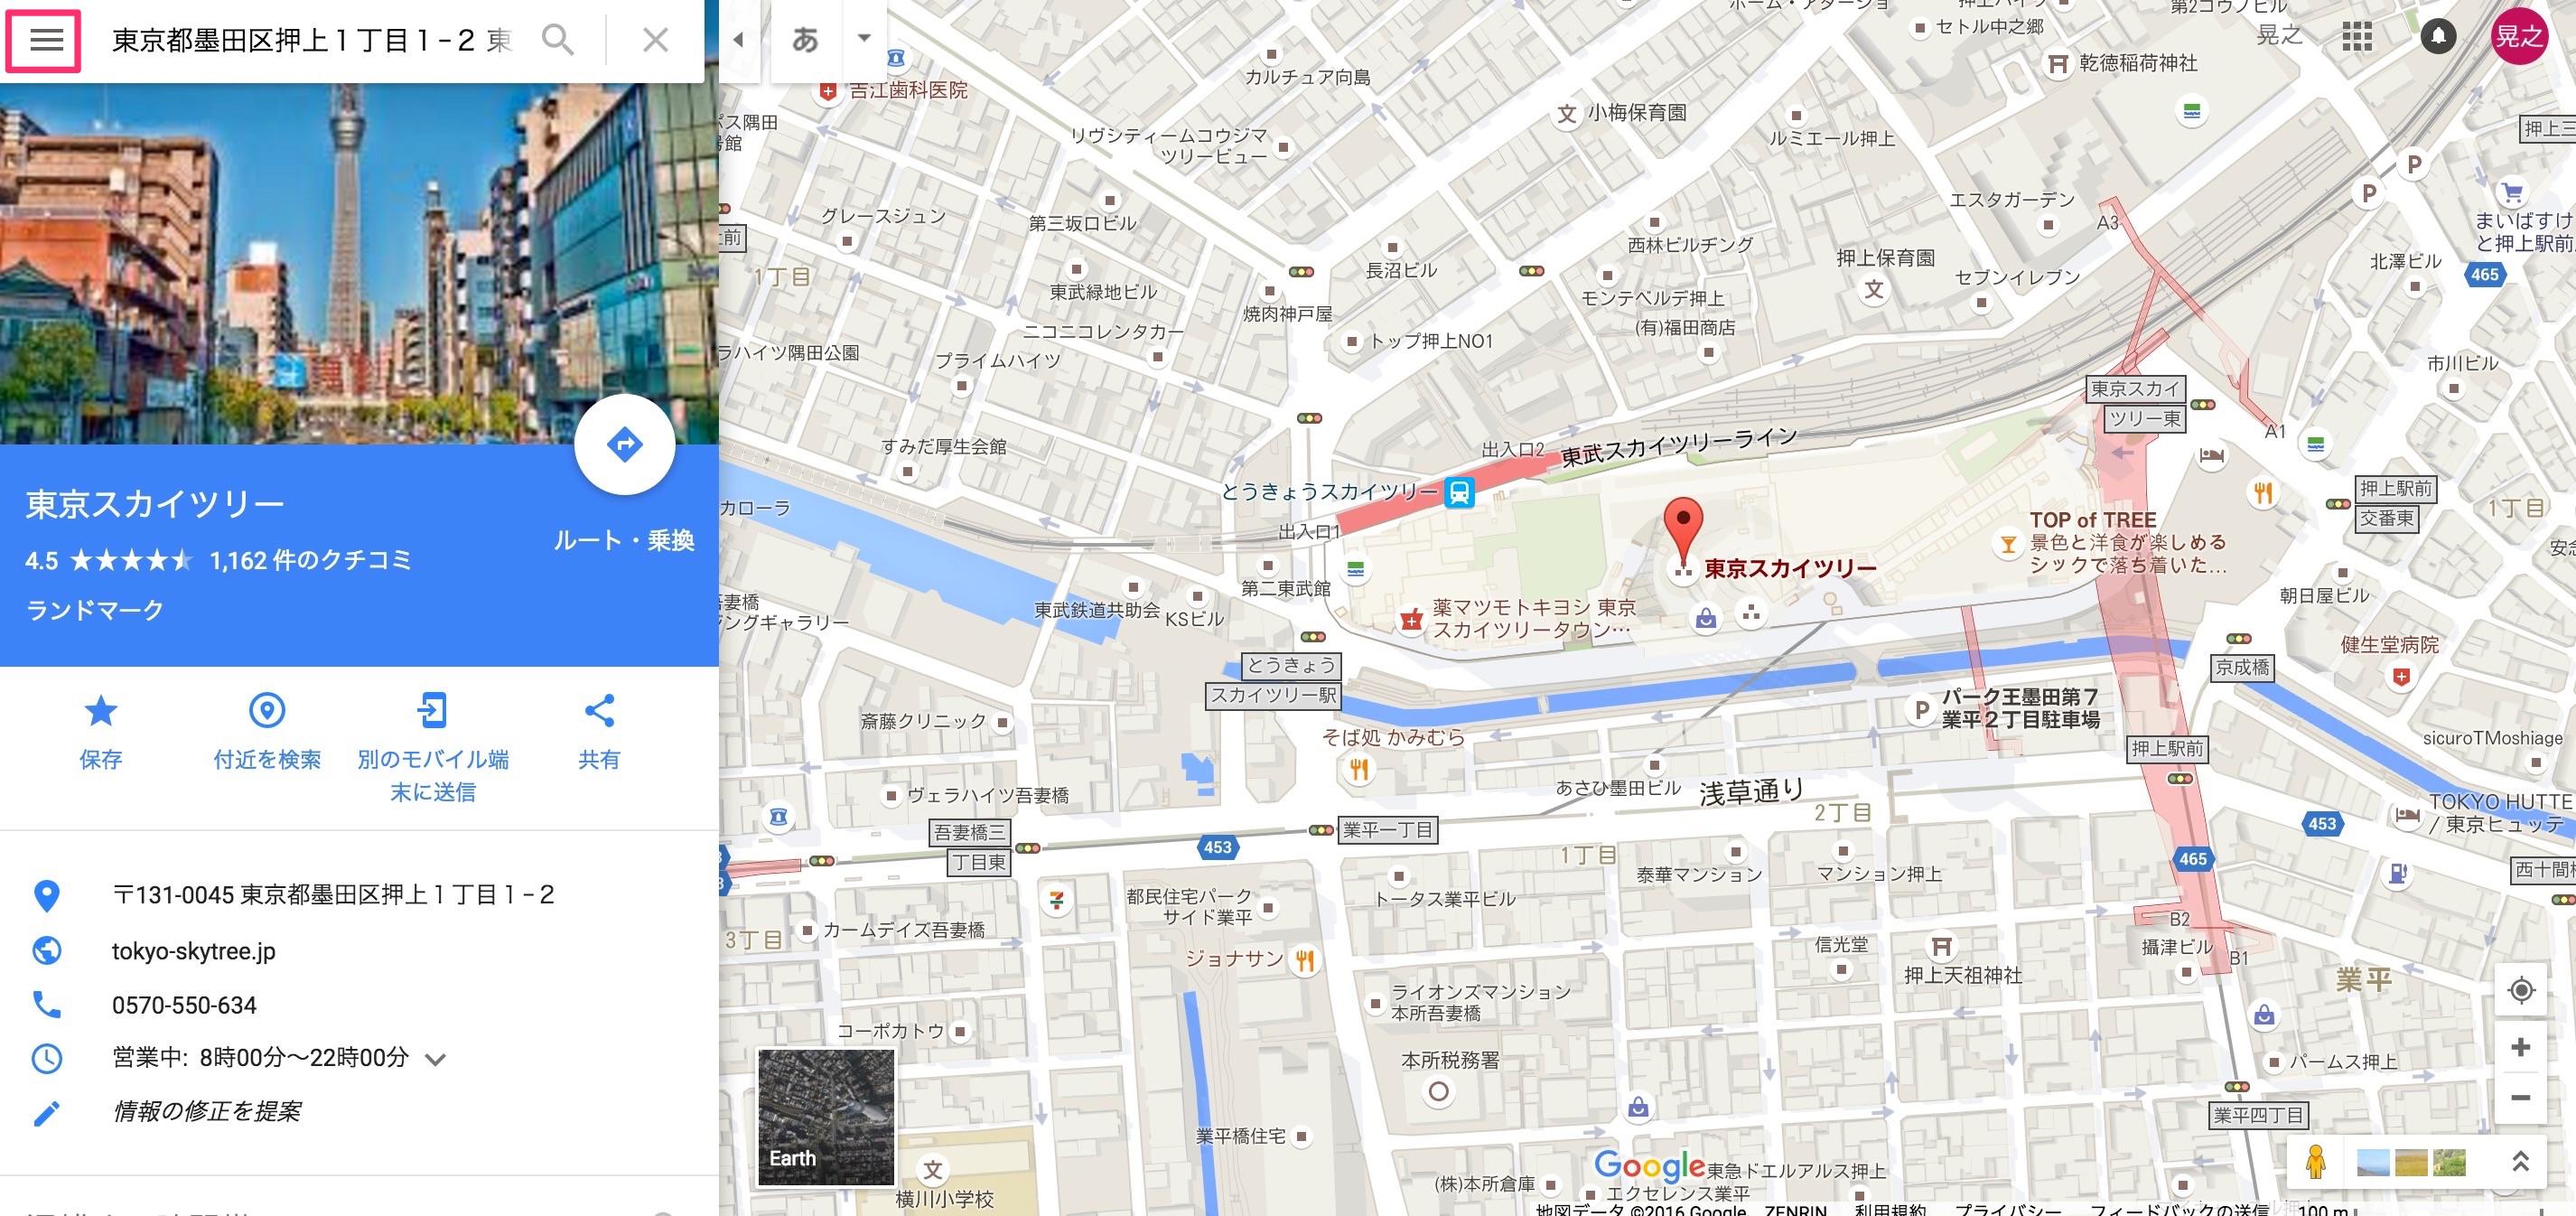 航空地図をgoogle mapで表示する方法2